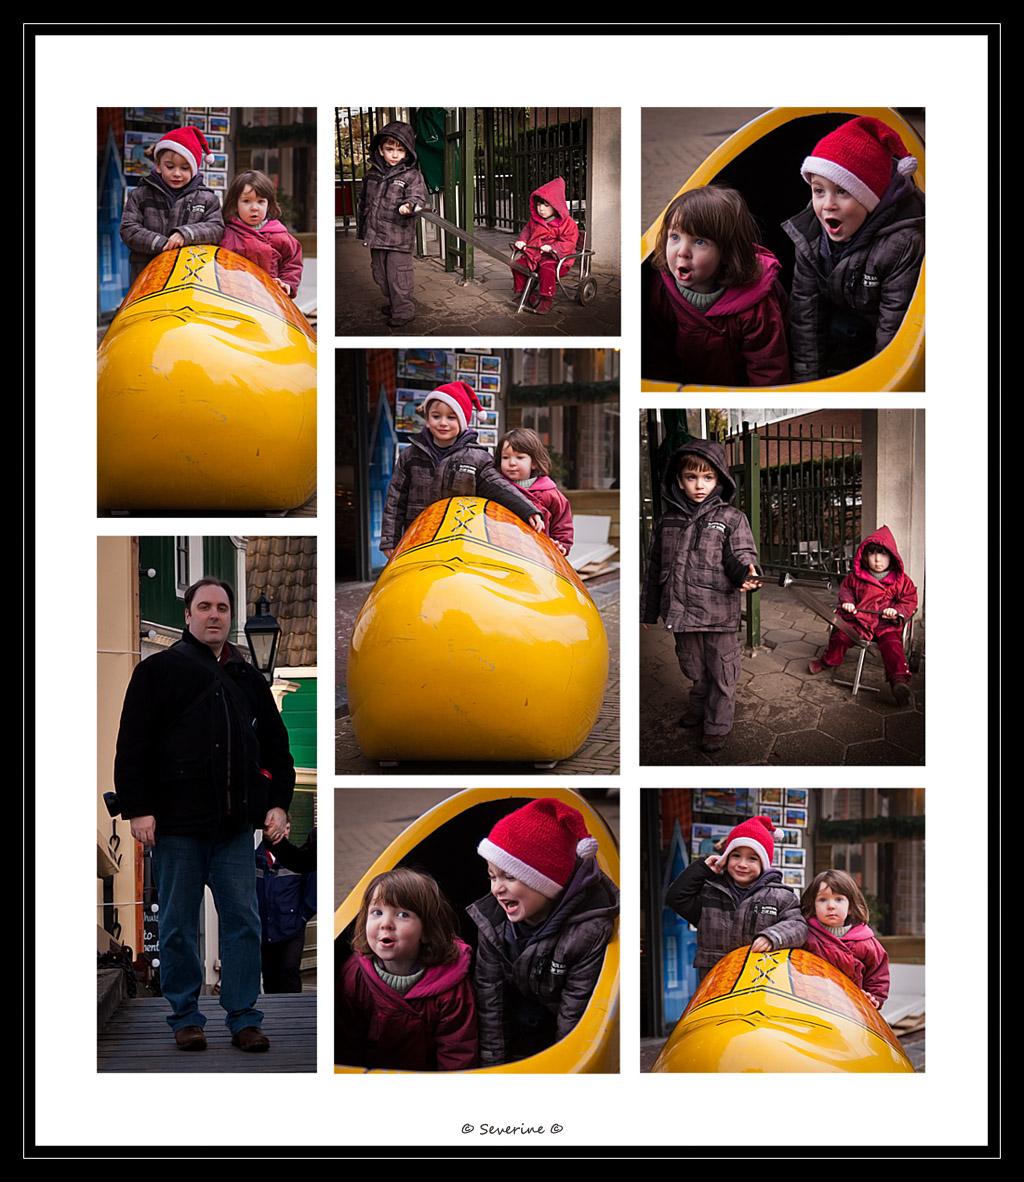 http://fredetsev.eu/imagespourblog/montage_enfants_fred.jpg